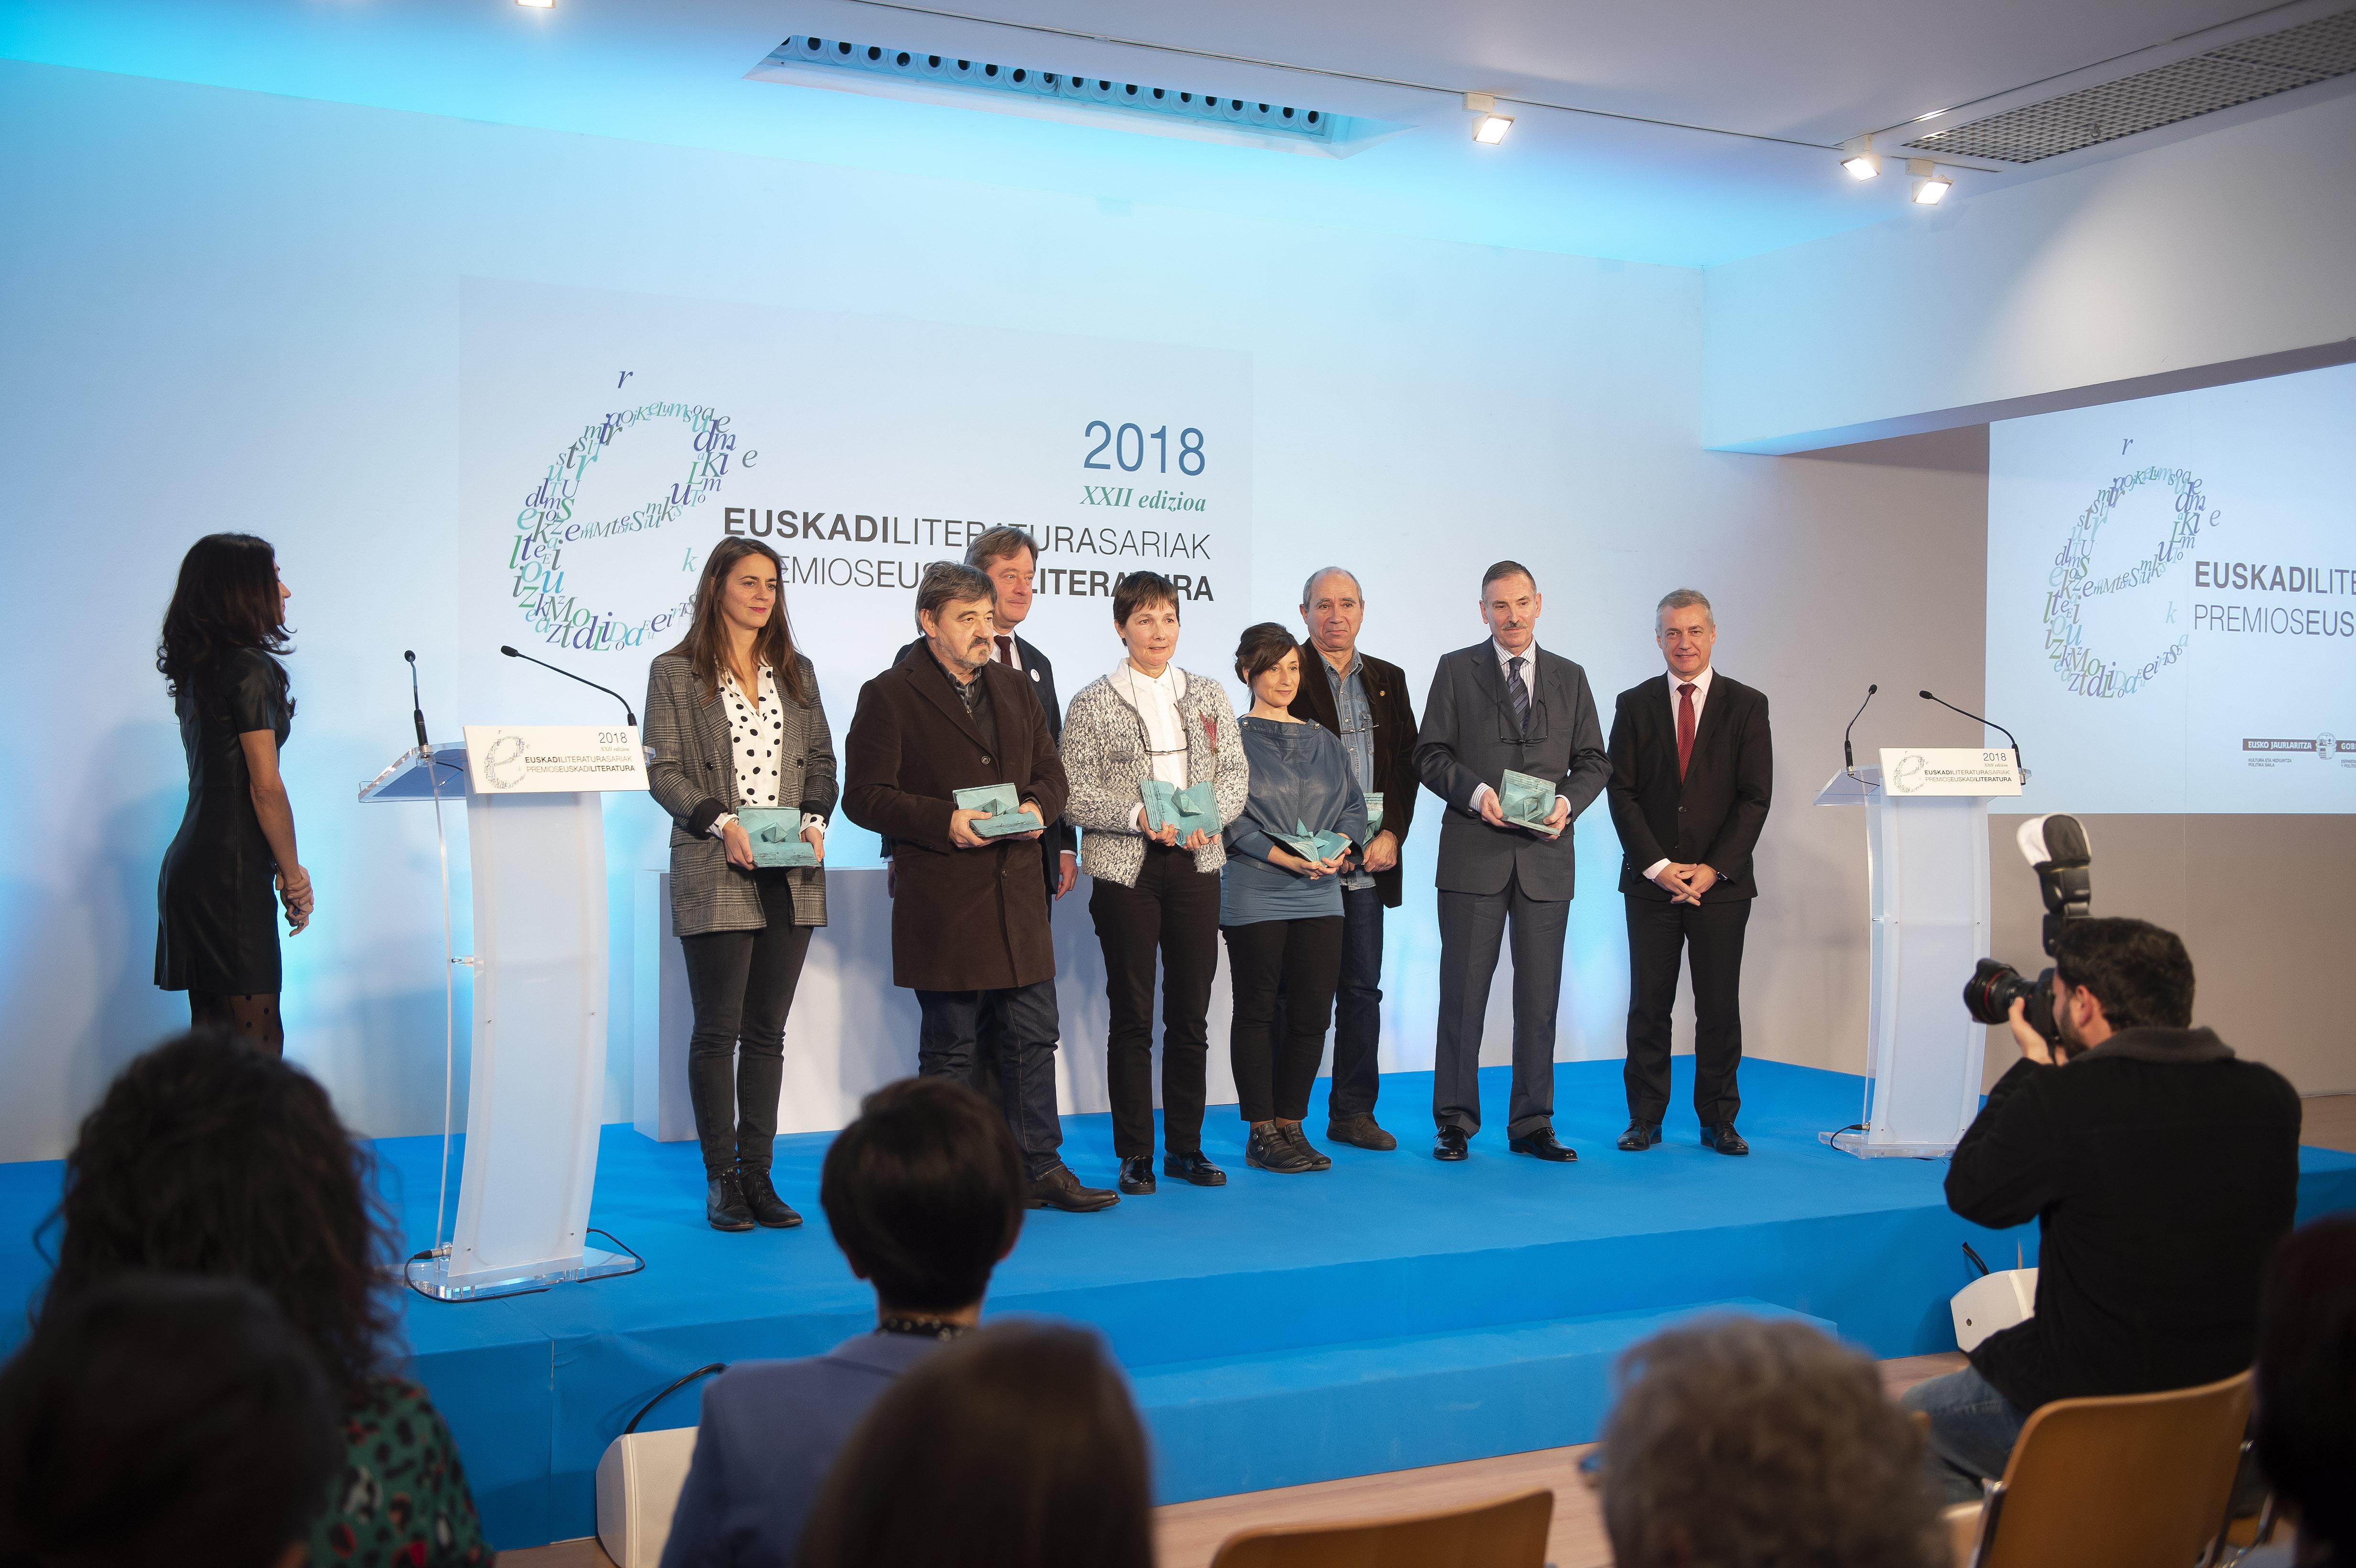 El Lehendakari Iñigo Urkullu ha presidido, en el Museo Artium de Vitoria-Gasteiz, la entrega de los premios Euskadi de Literatura